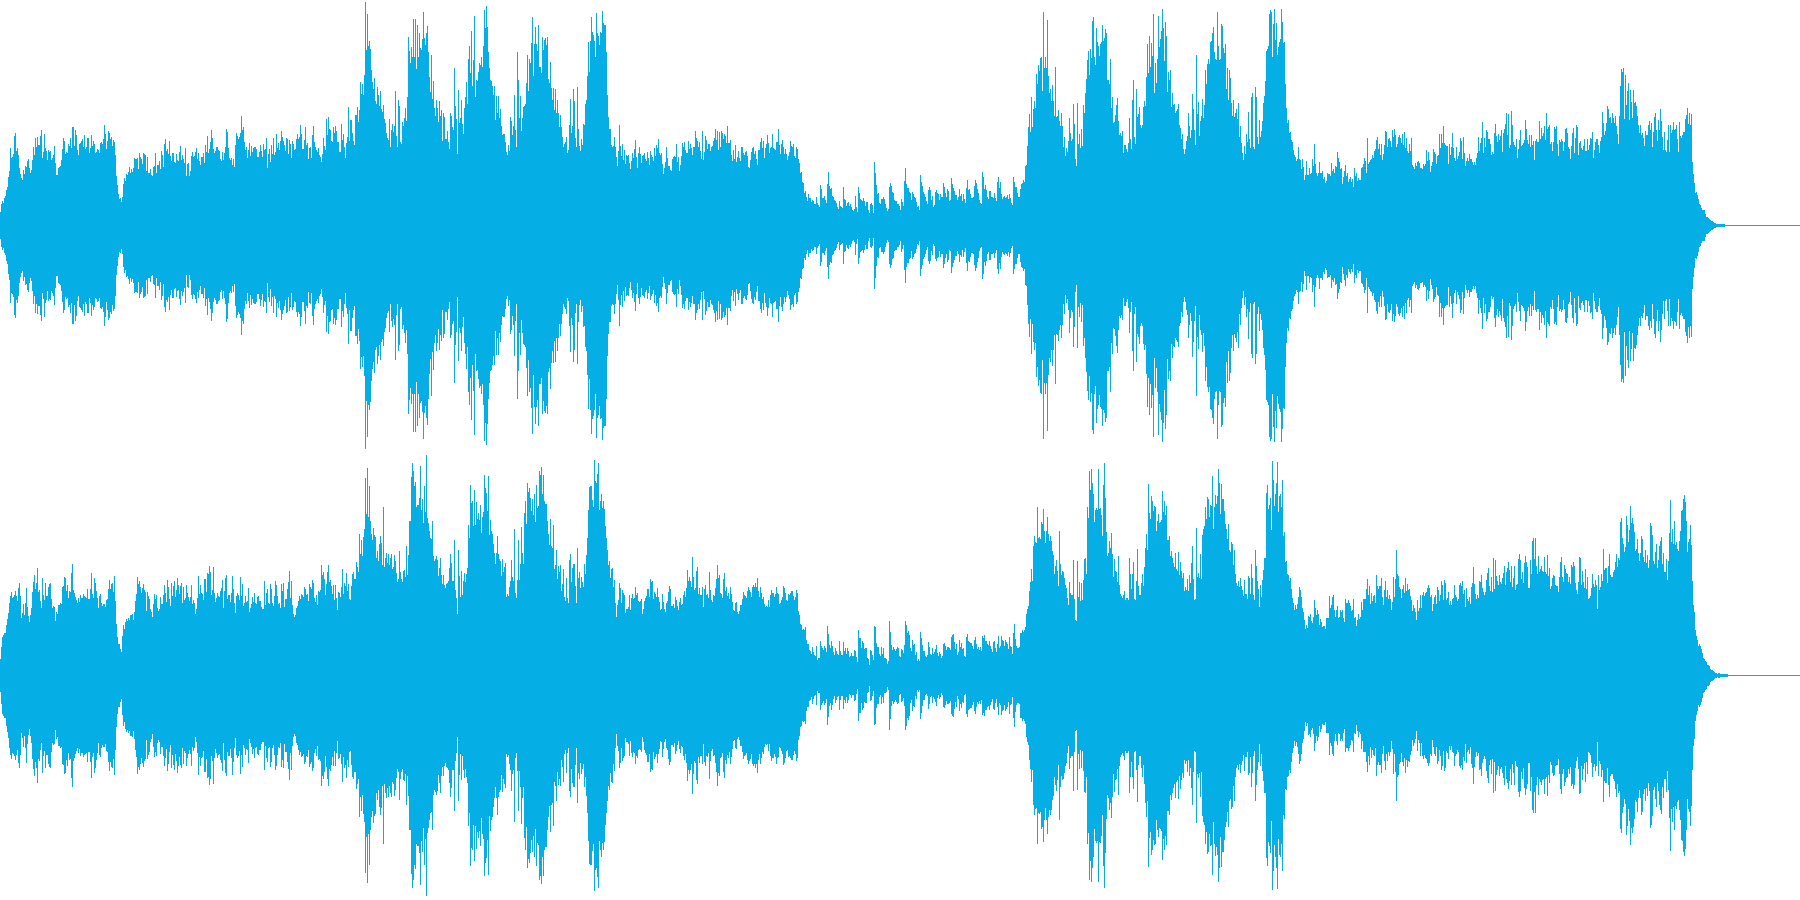 シリアスな、暗い雰囲気の教会音楽の再生済みの波形